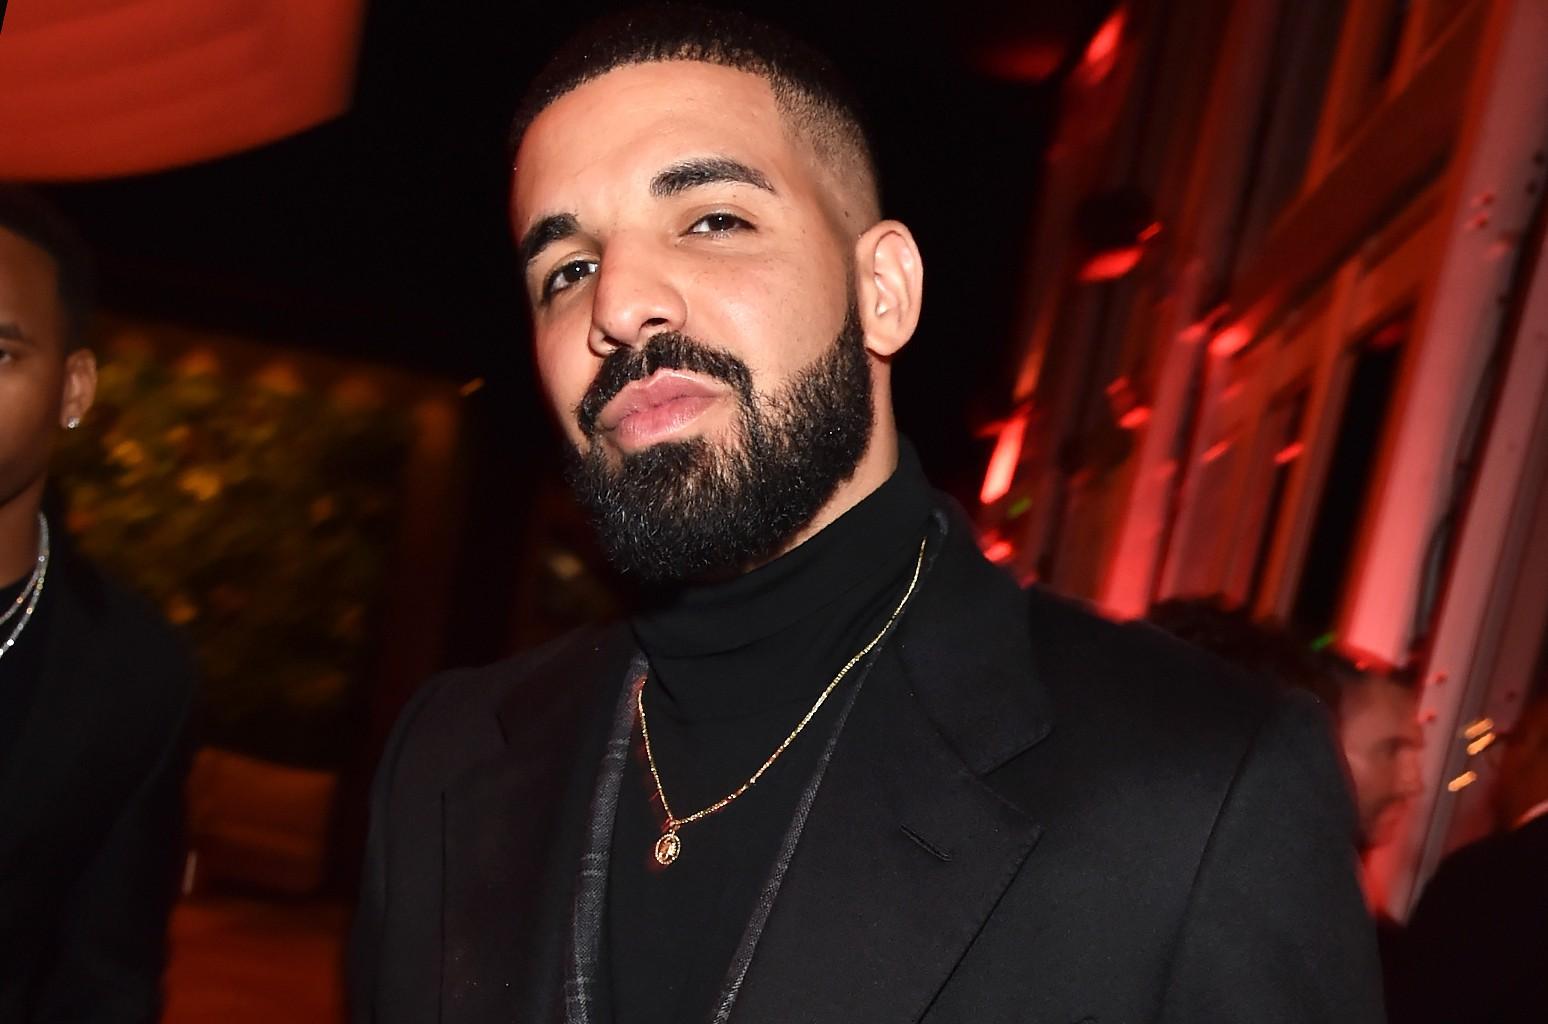 Drake trở thành siêu sao hot nhất nước Mỹ, chỉ trong 3 ngày đã phá kỷ lục streaming! - Ảnh 1.